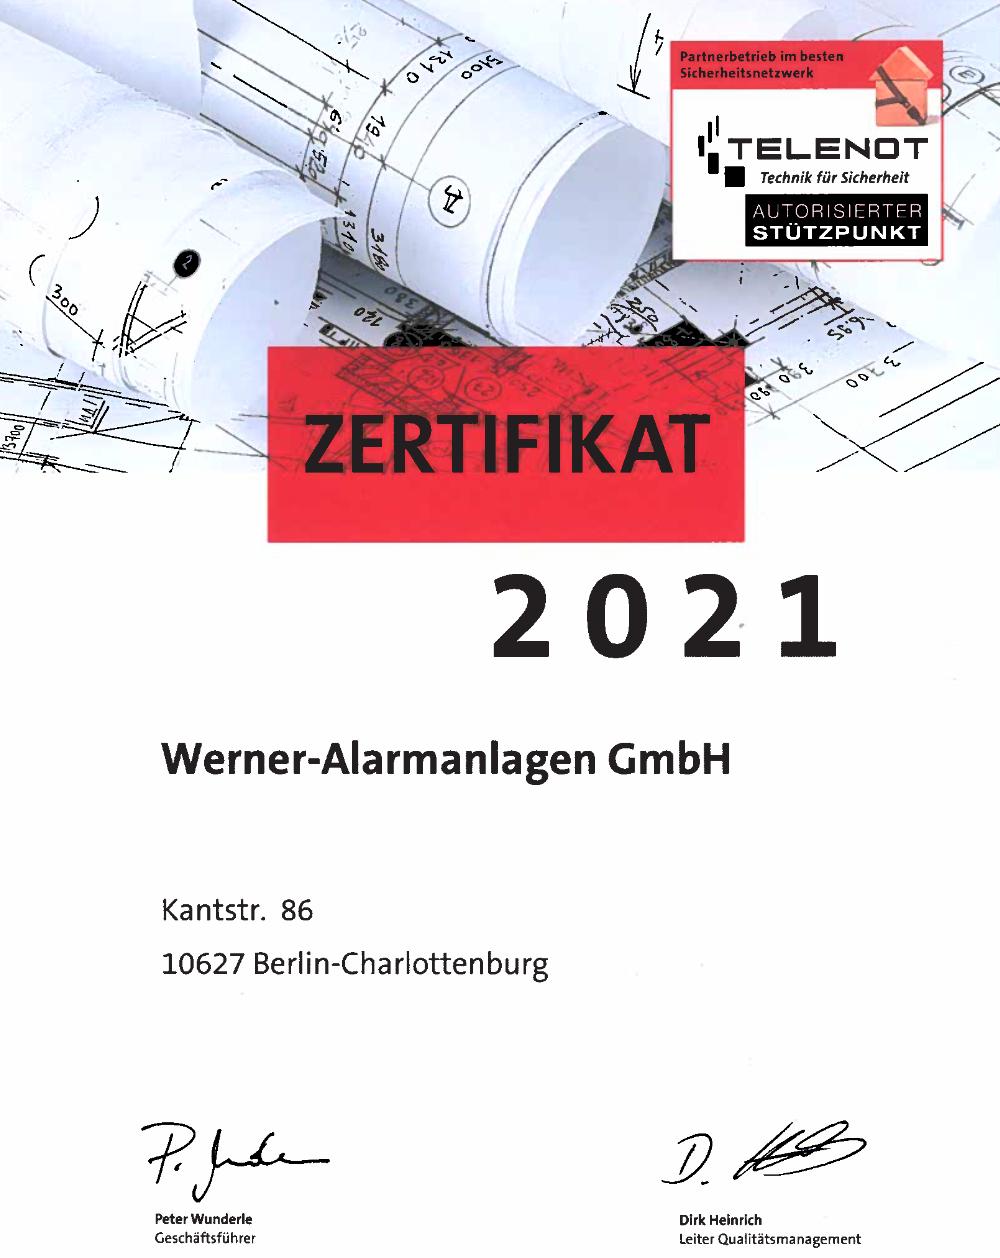 Autorisierter Telenot Stützpunkt Werner Alarmanlagen